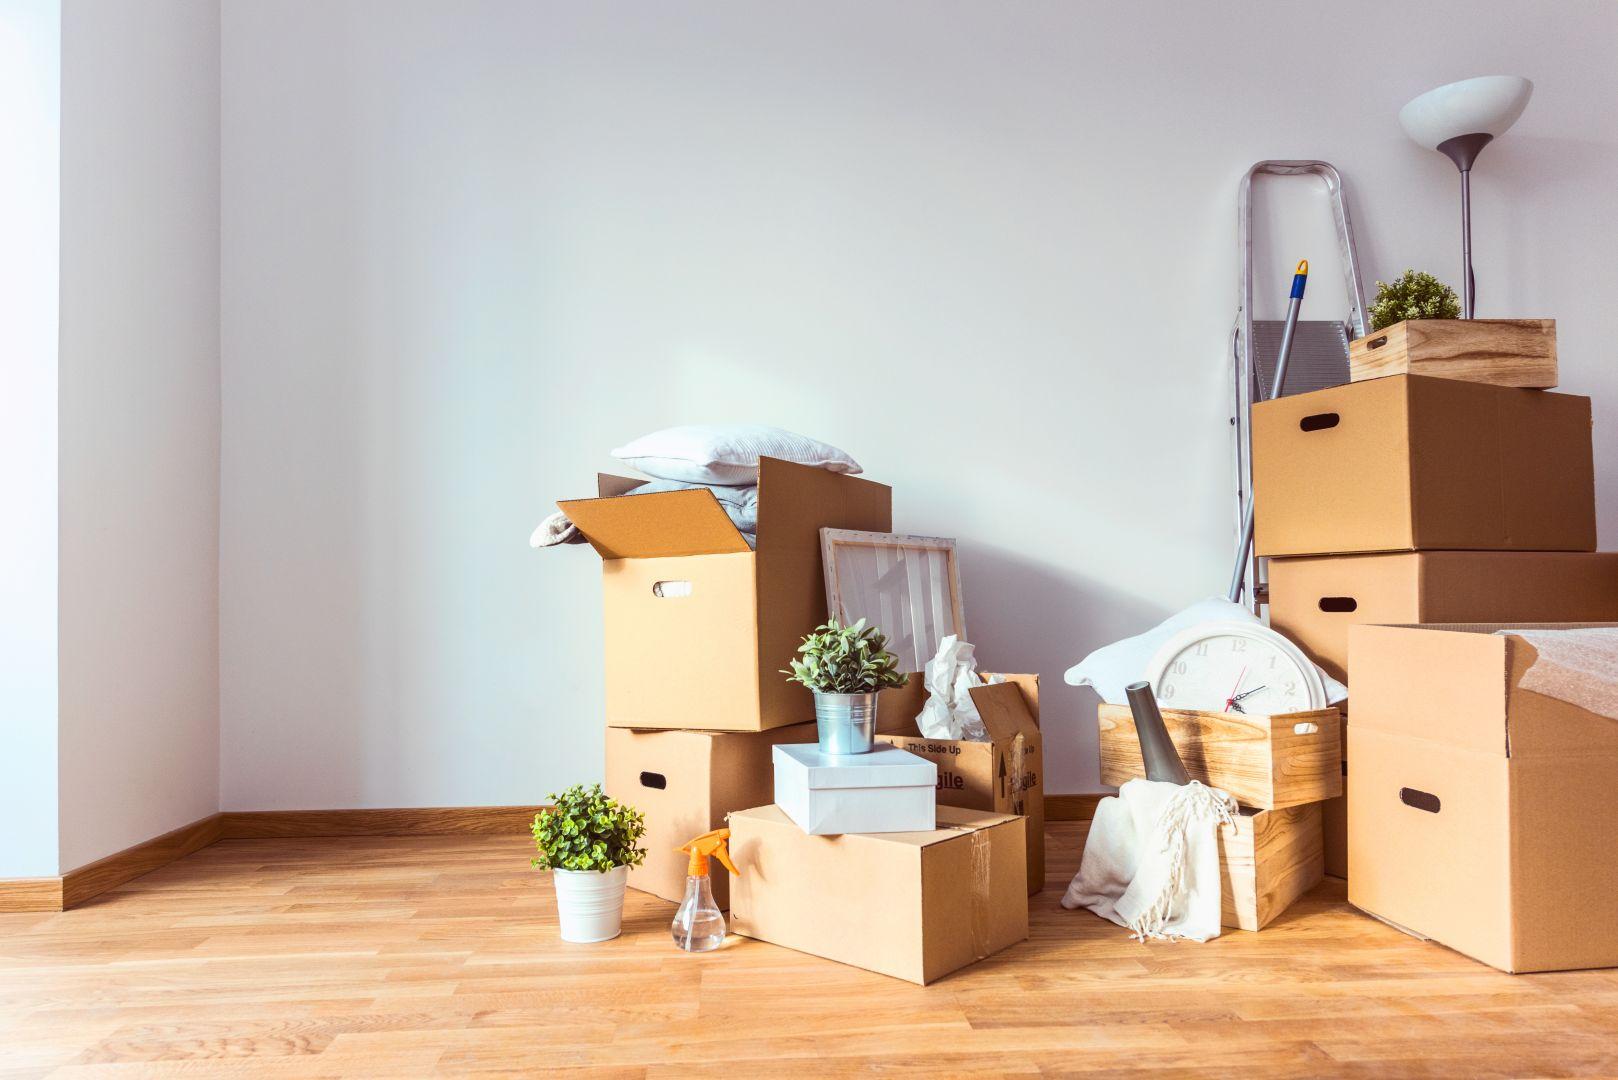 Papernest s'impose comme le partenaire n°1 des professionnels de l'immobilier